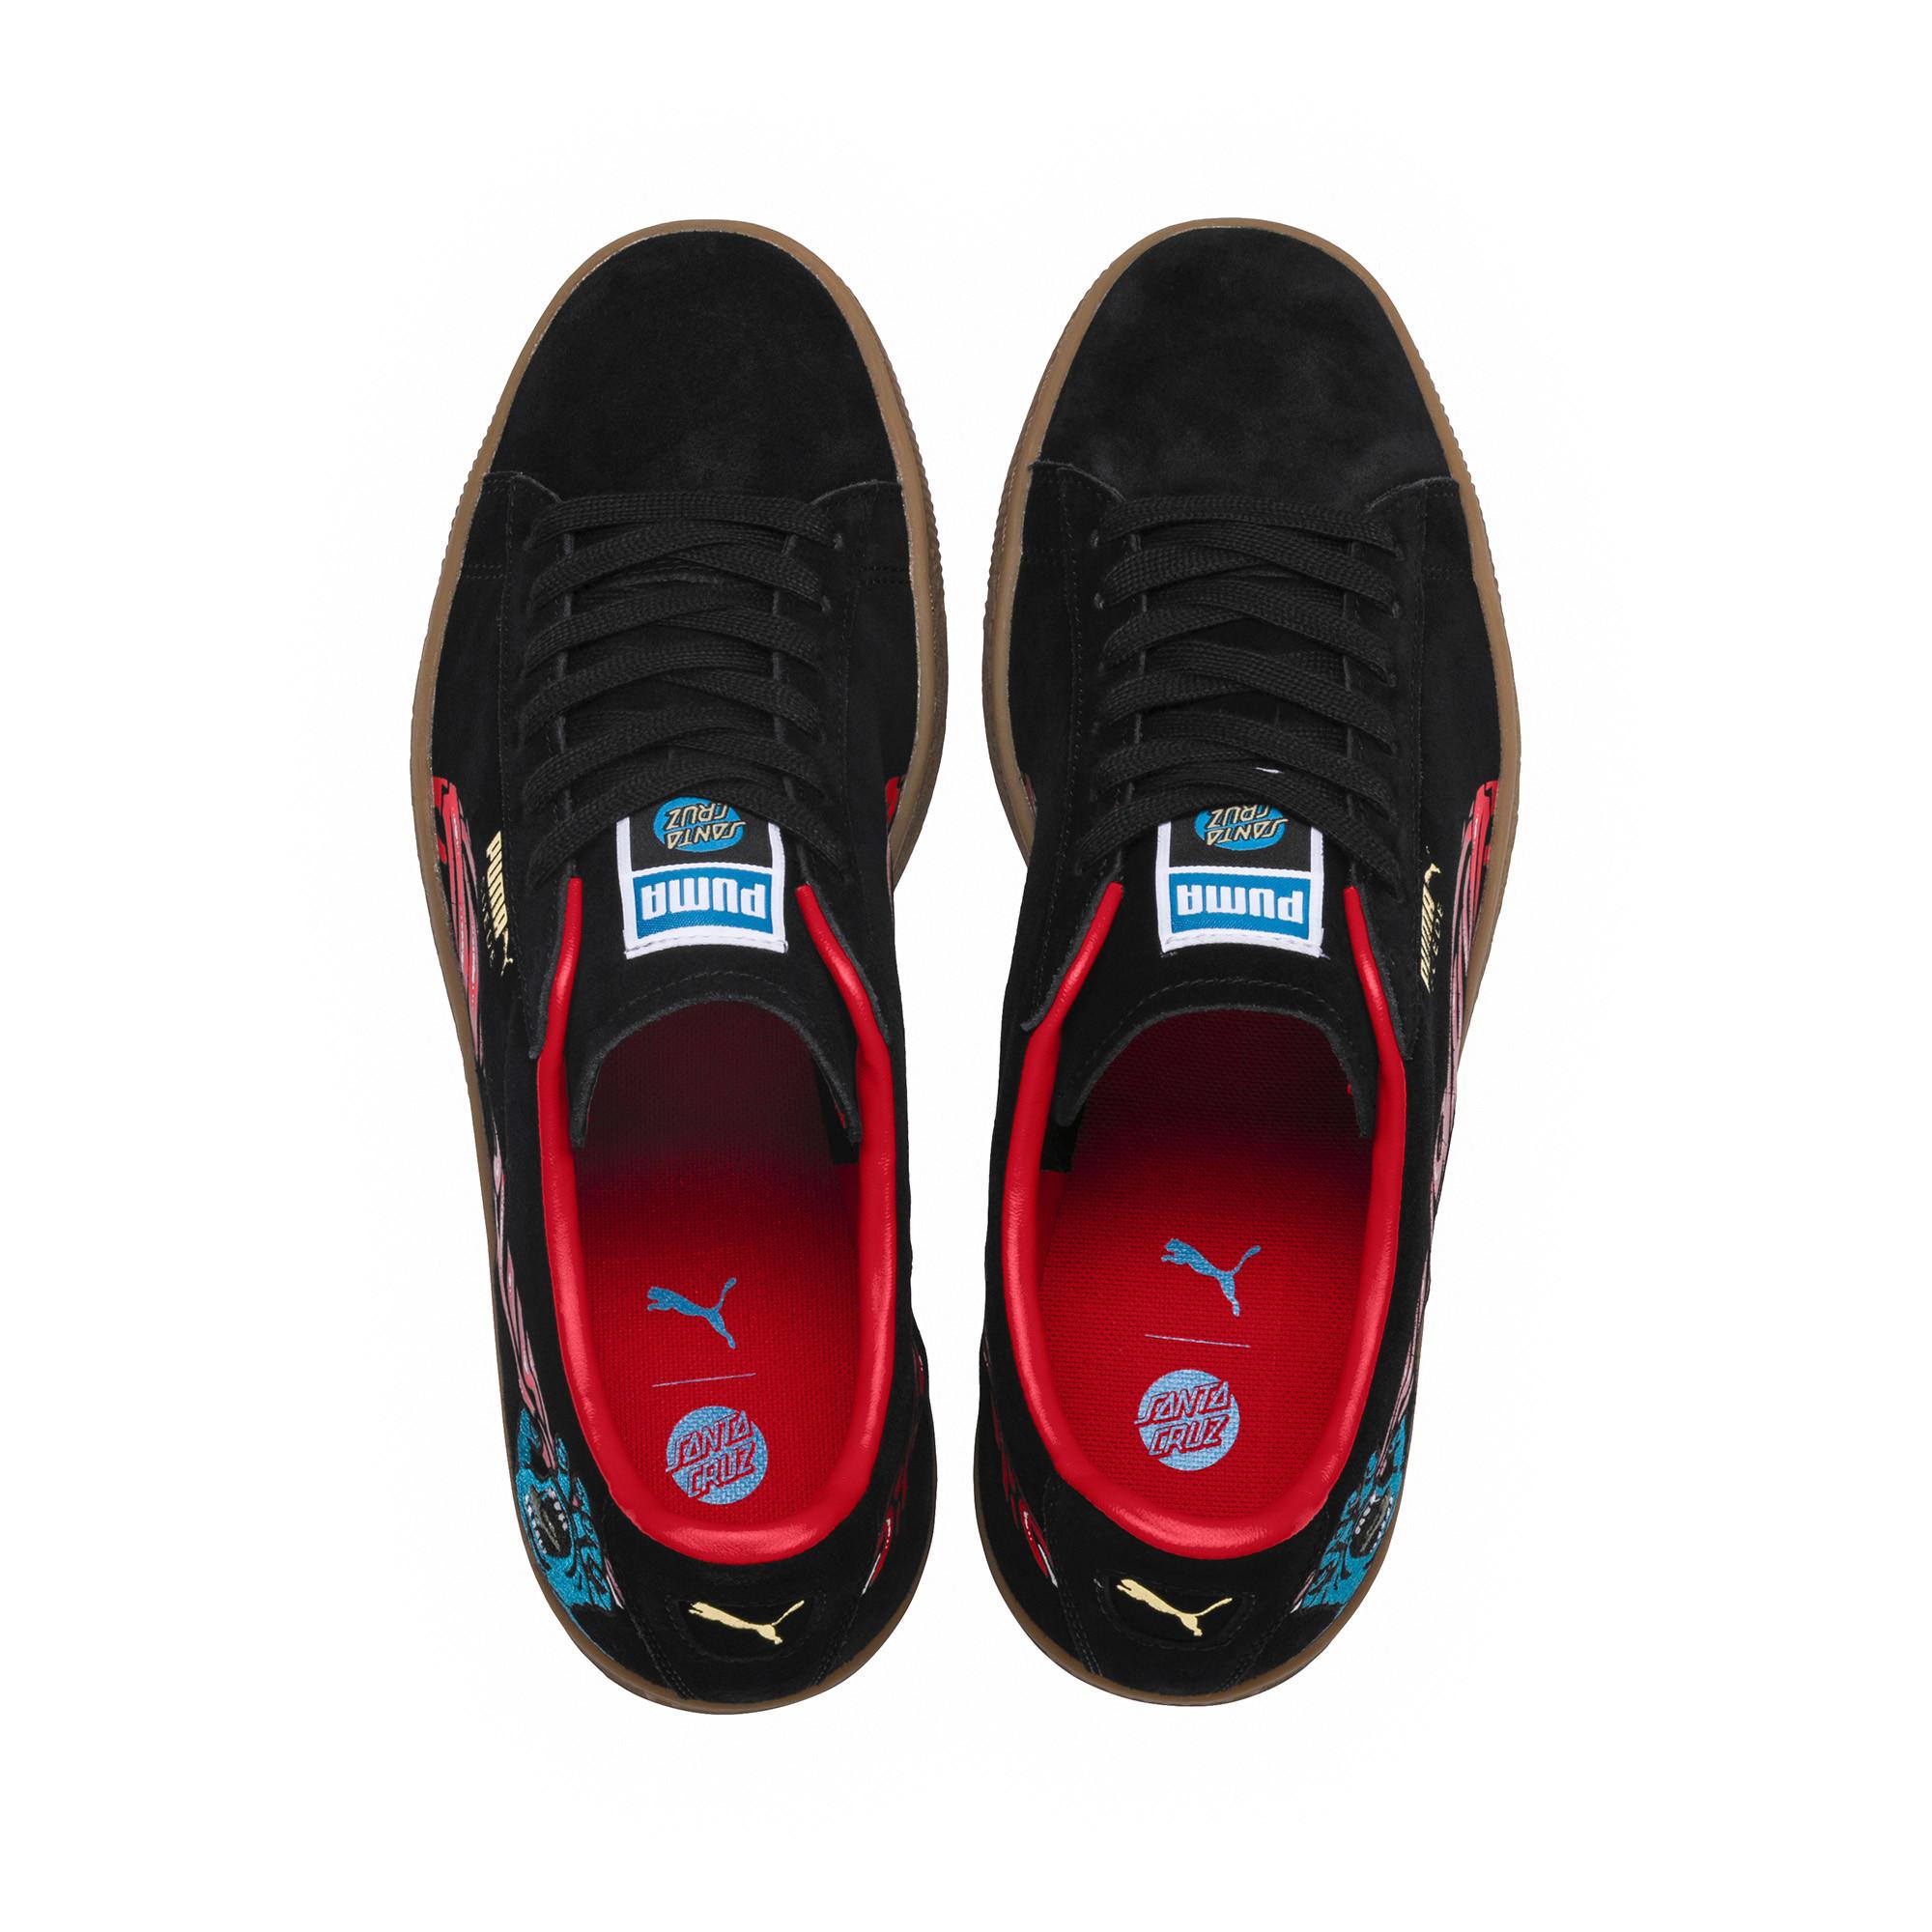 uk availability 4df7c a21e2 Puma X Santa Cruz Suede Classic Sneakers